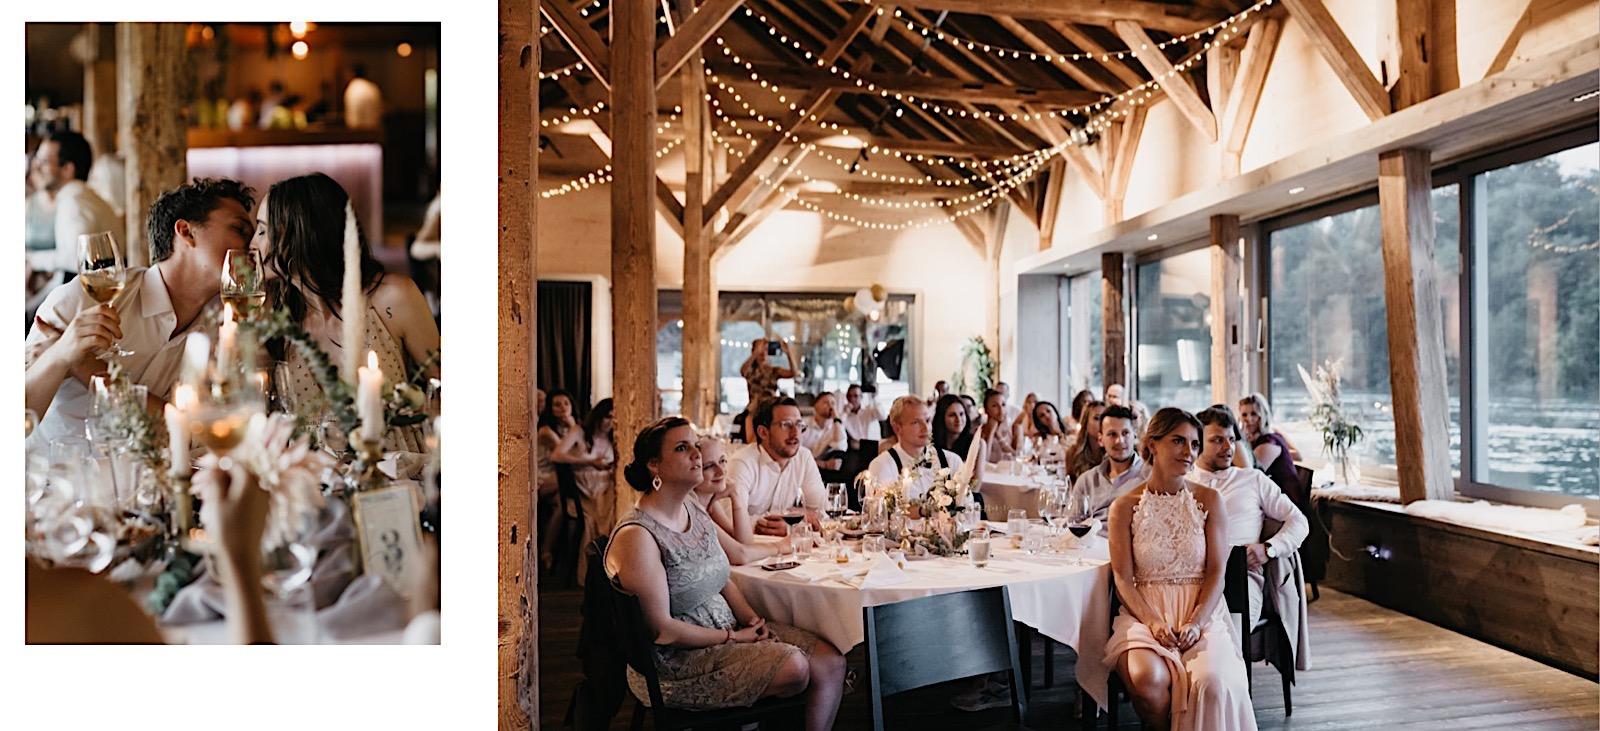 55_bohowedding_party_reception_switzerland (21 von 43)_bohowedding_party_reception_switzerland (27 von 43).jpg